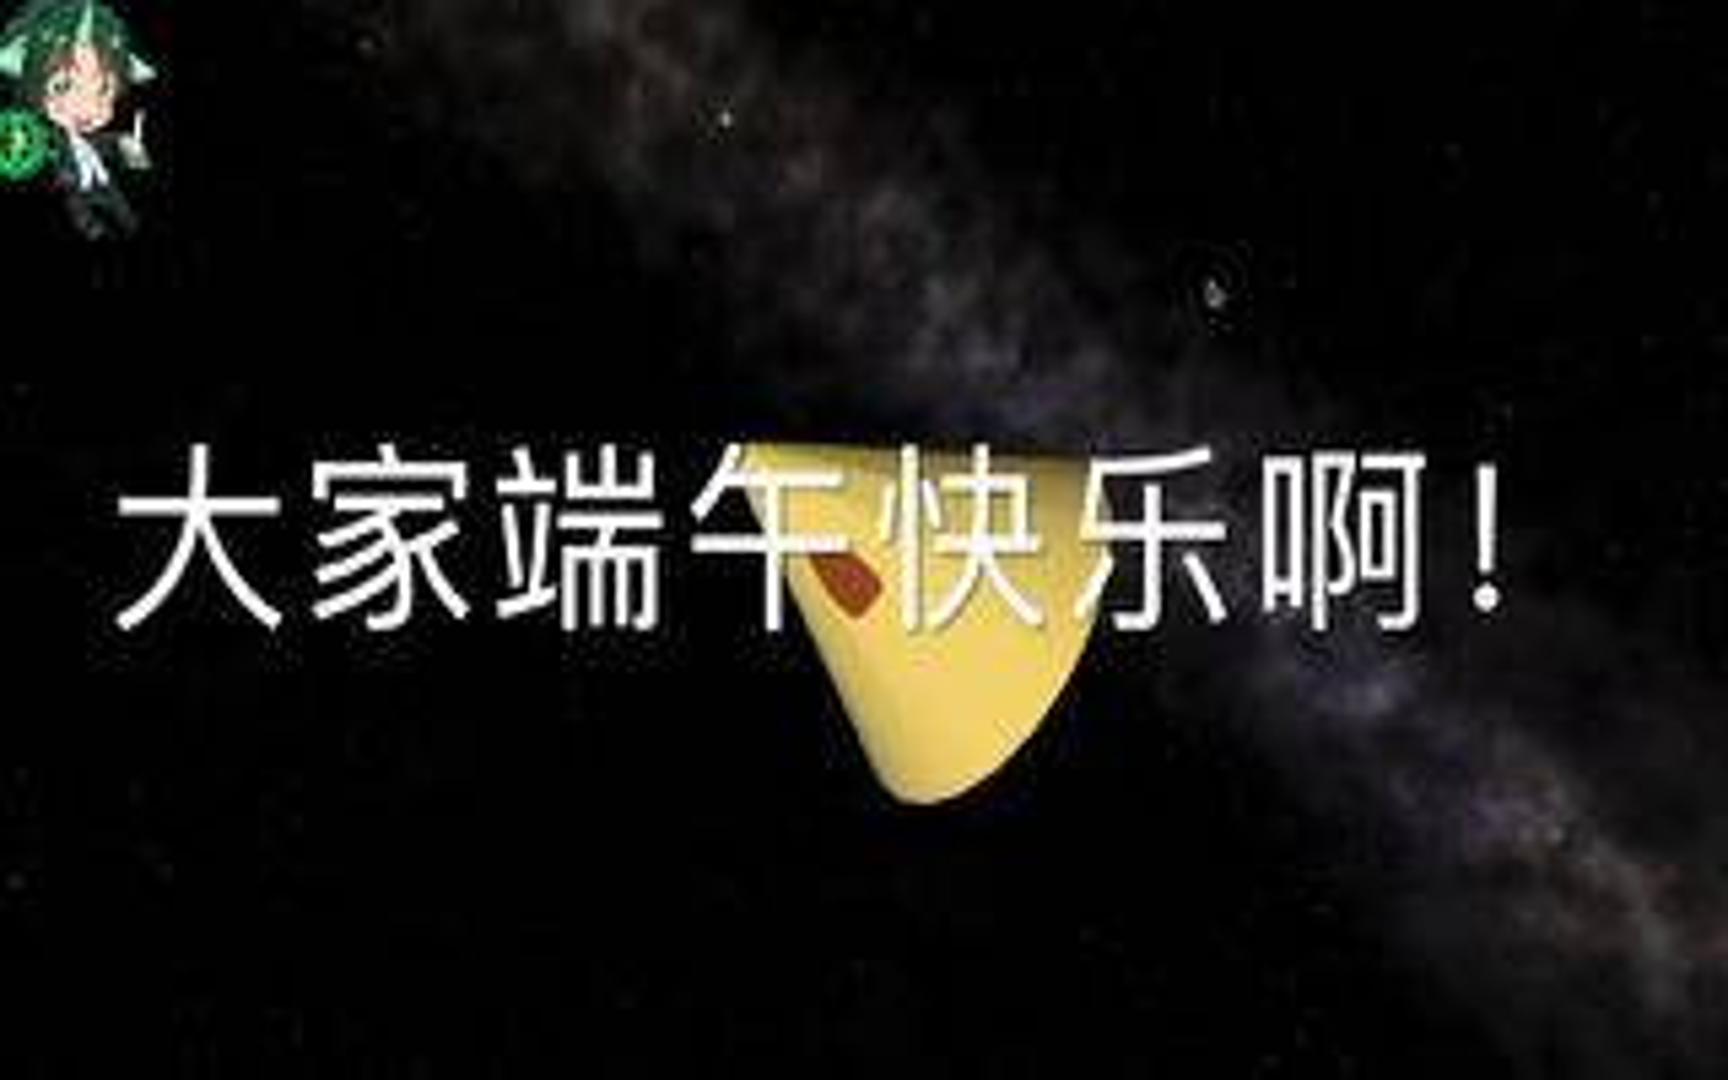 【狄波的火箭】给迯暒伖亾鎹個粽ふ妑!(端午节快乐)